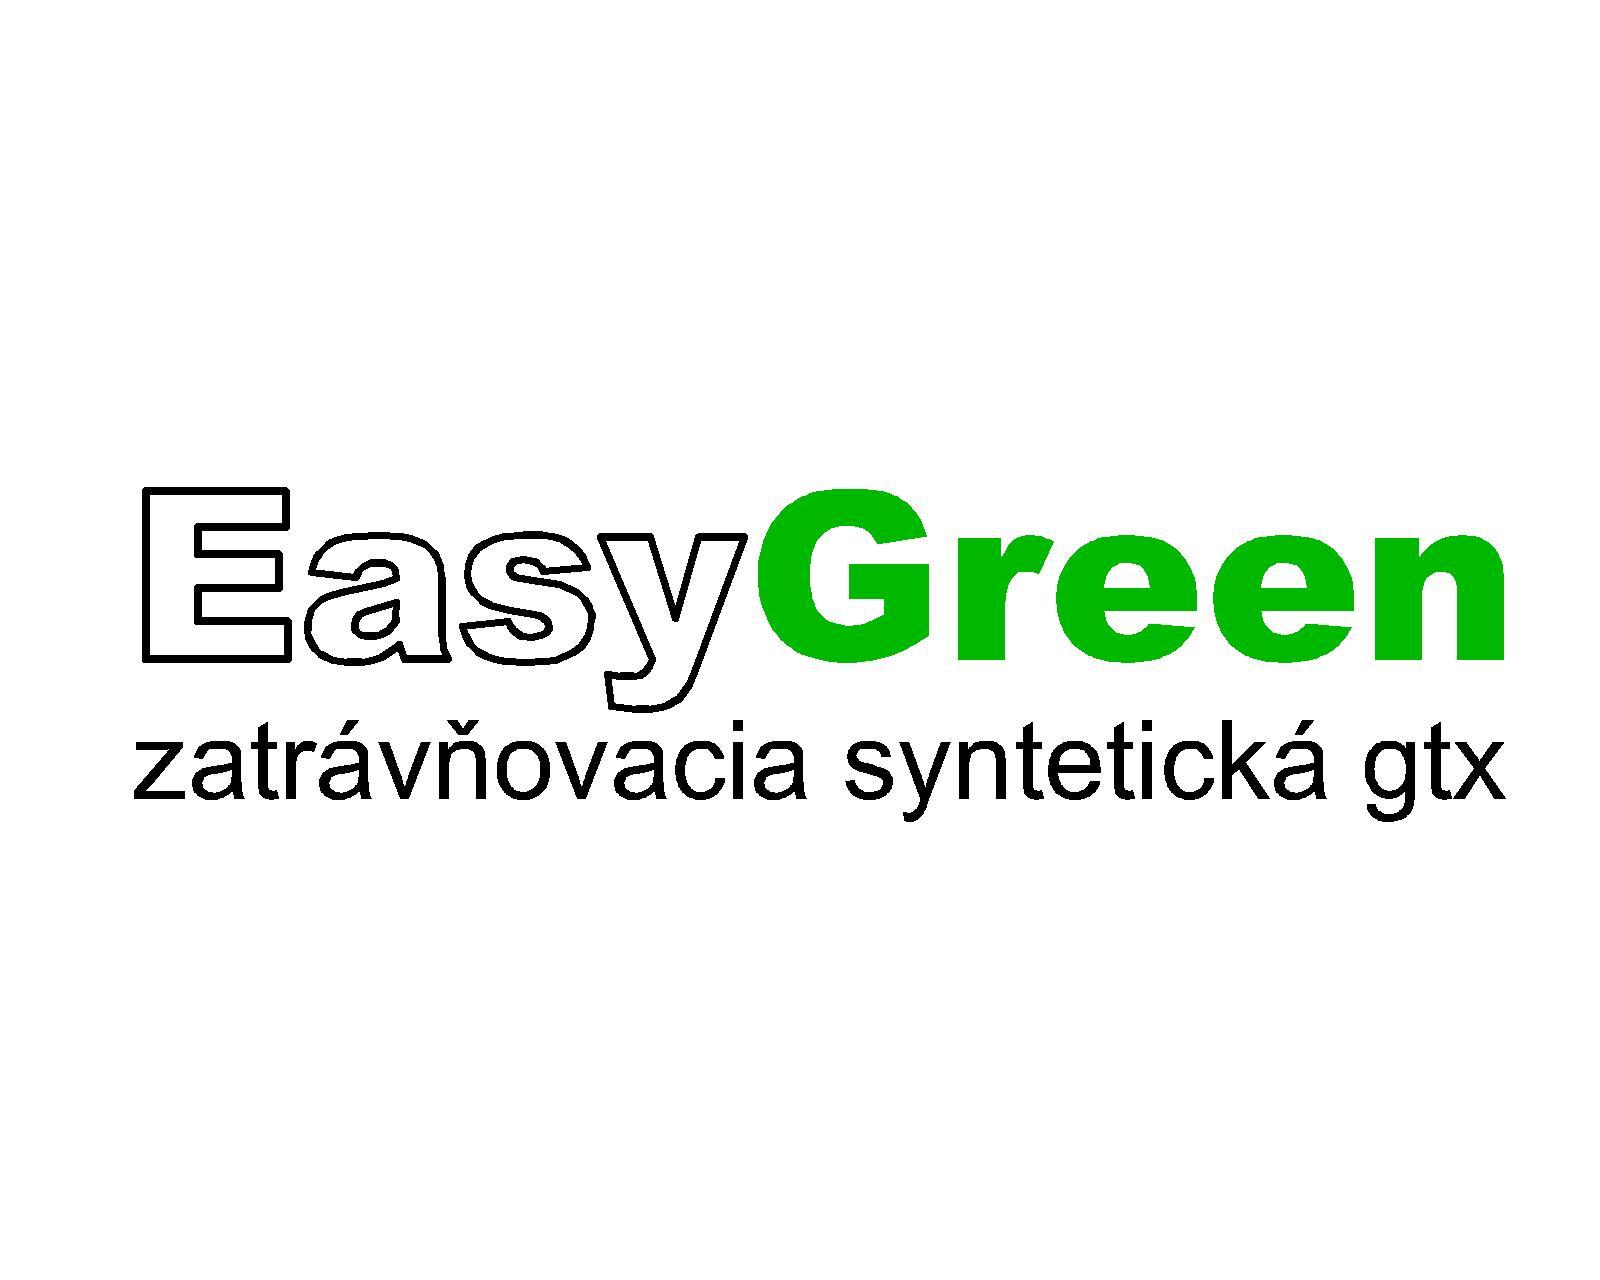 EasyGreen - zatrávňovacia syntetická geotextília - Obrázok č. 1